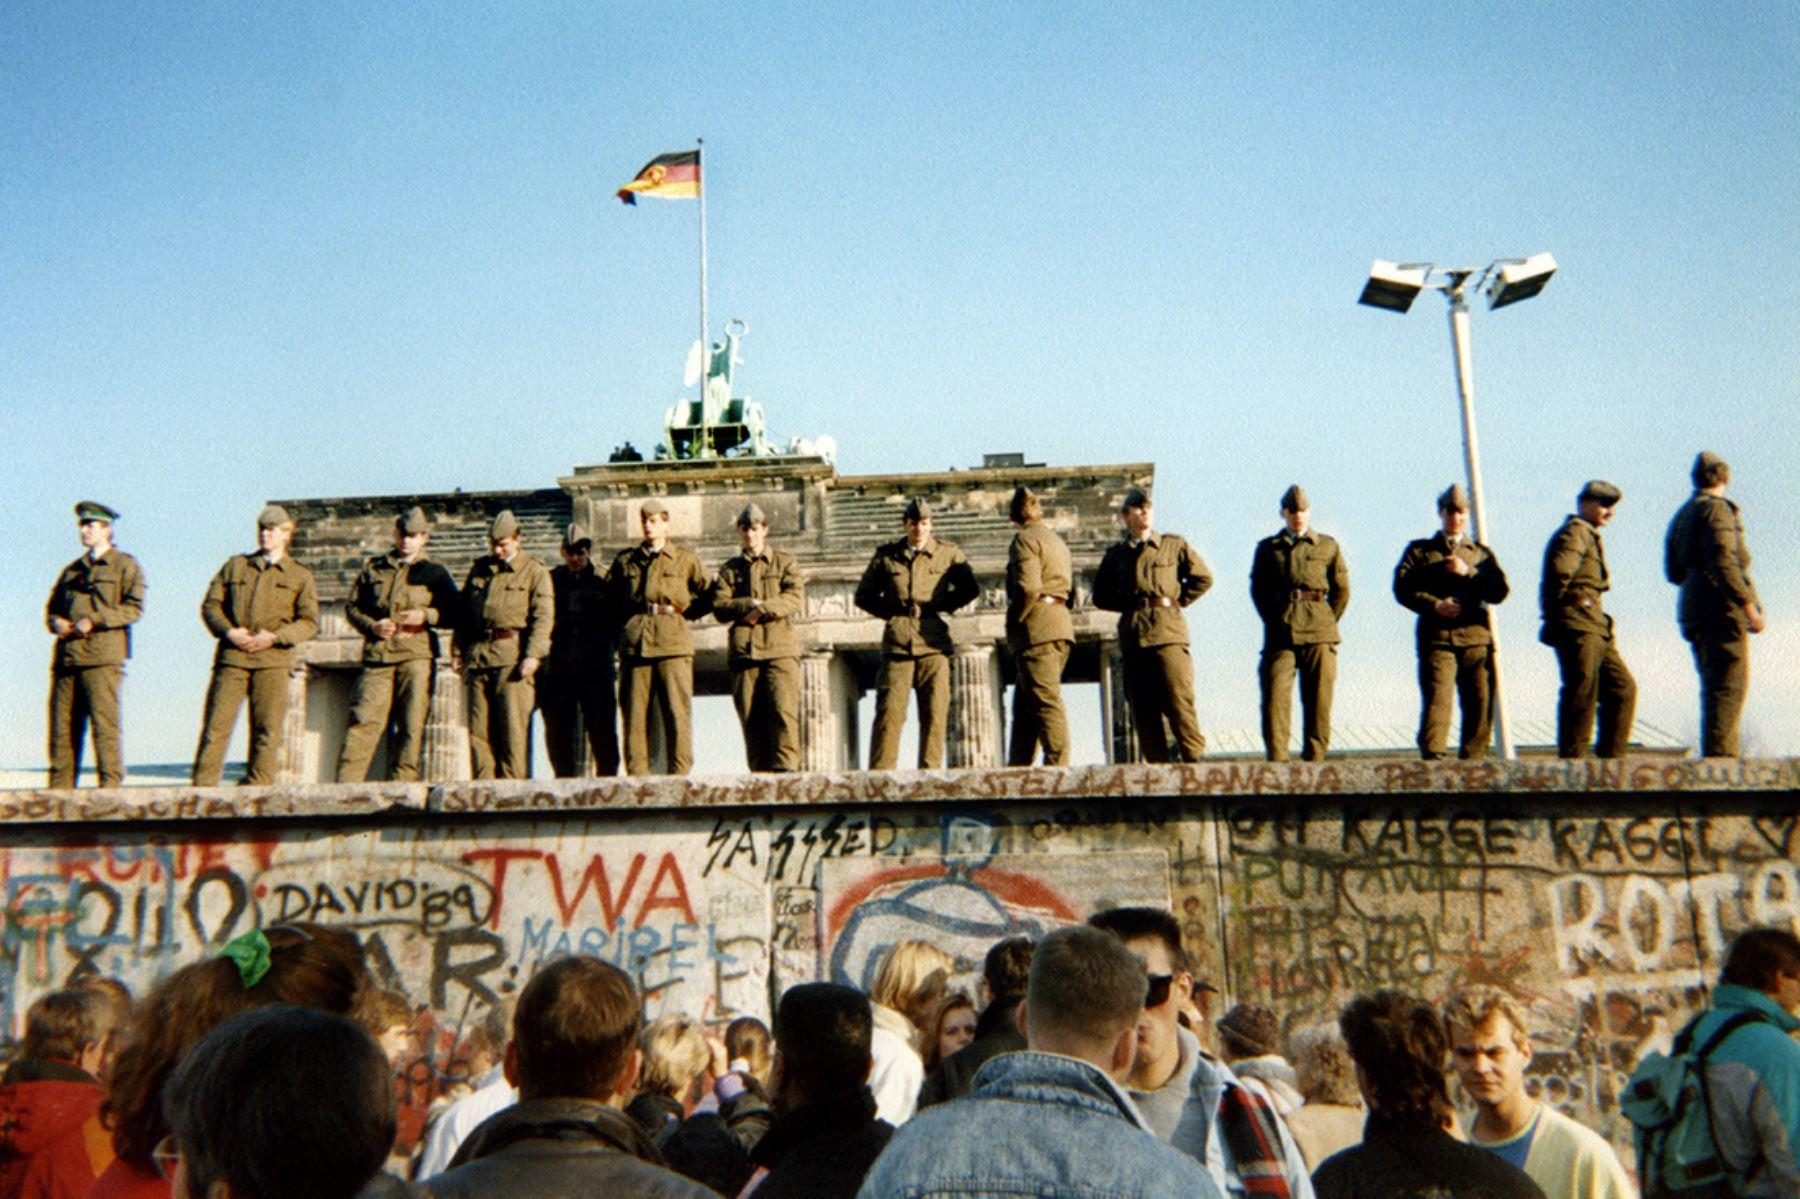 Los guardias fronterizos de Alemania del Este parados en una sección del Muro de Berlín frente a la Puerta de Brandeburgo  el 11 de noviembre de 1989. Foto: AFP